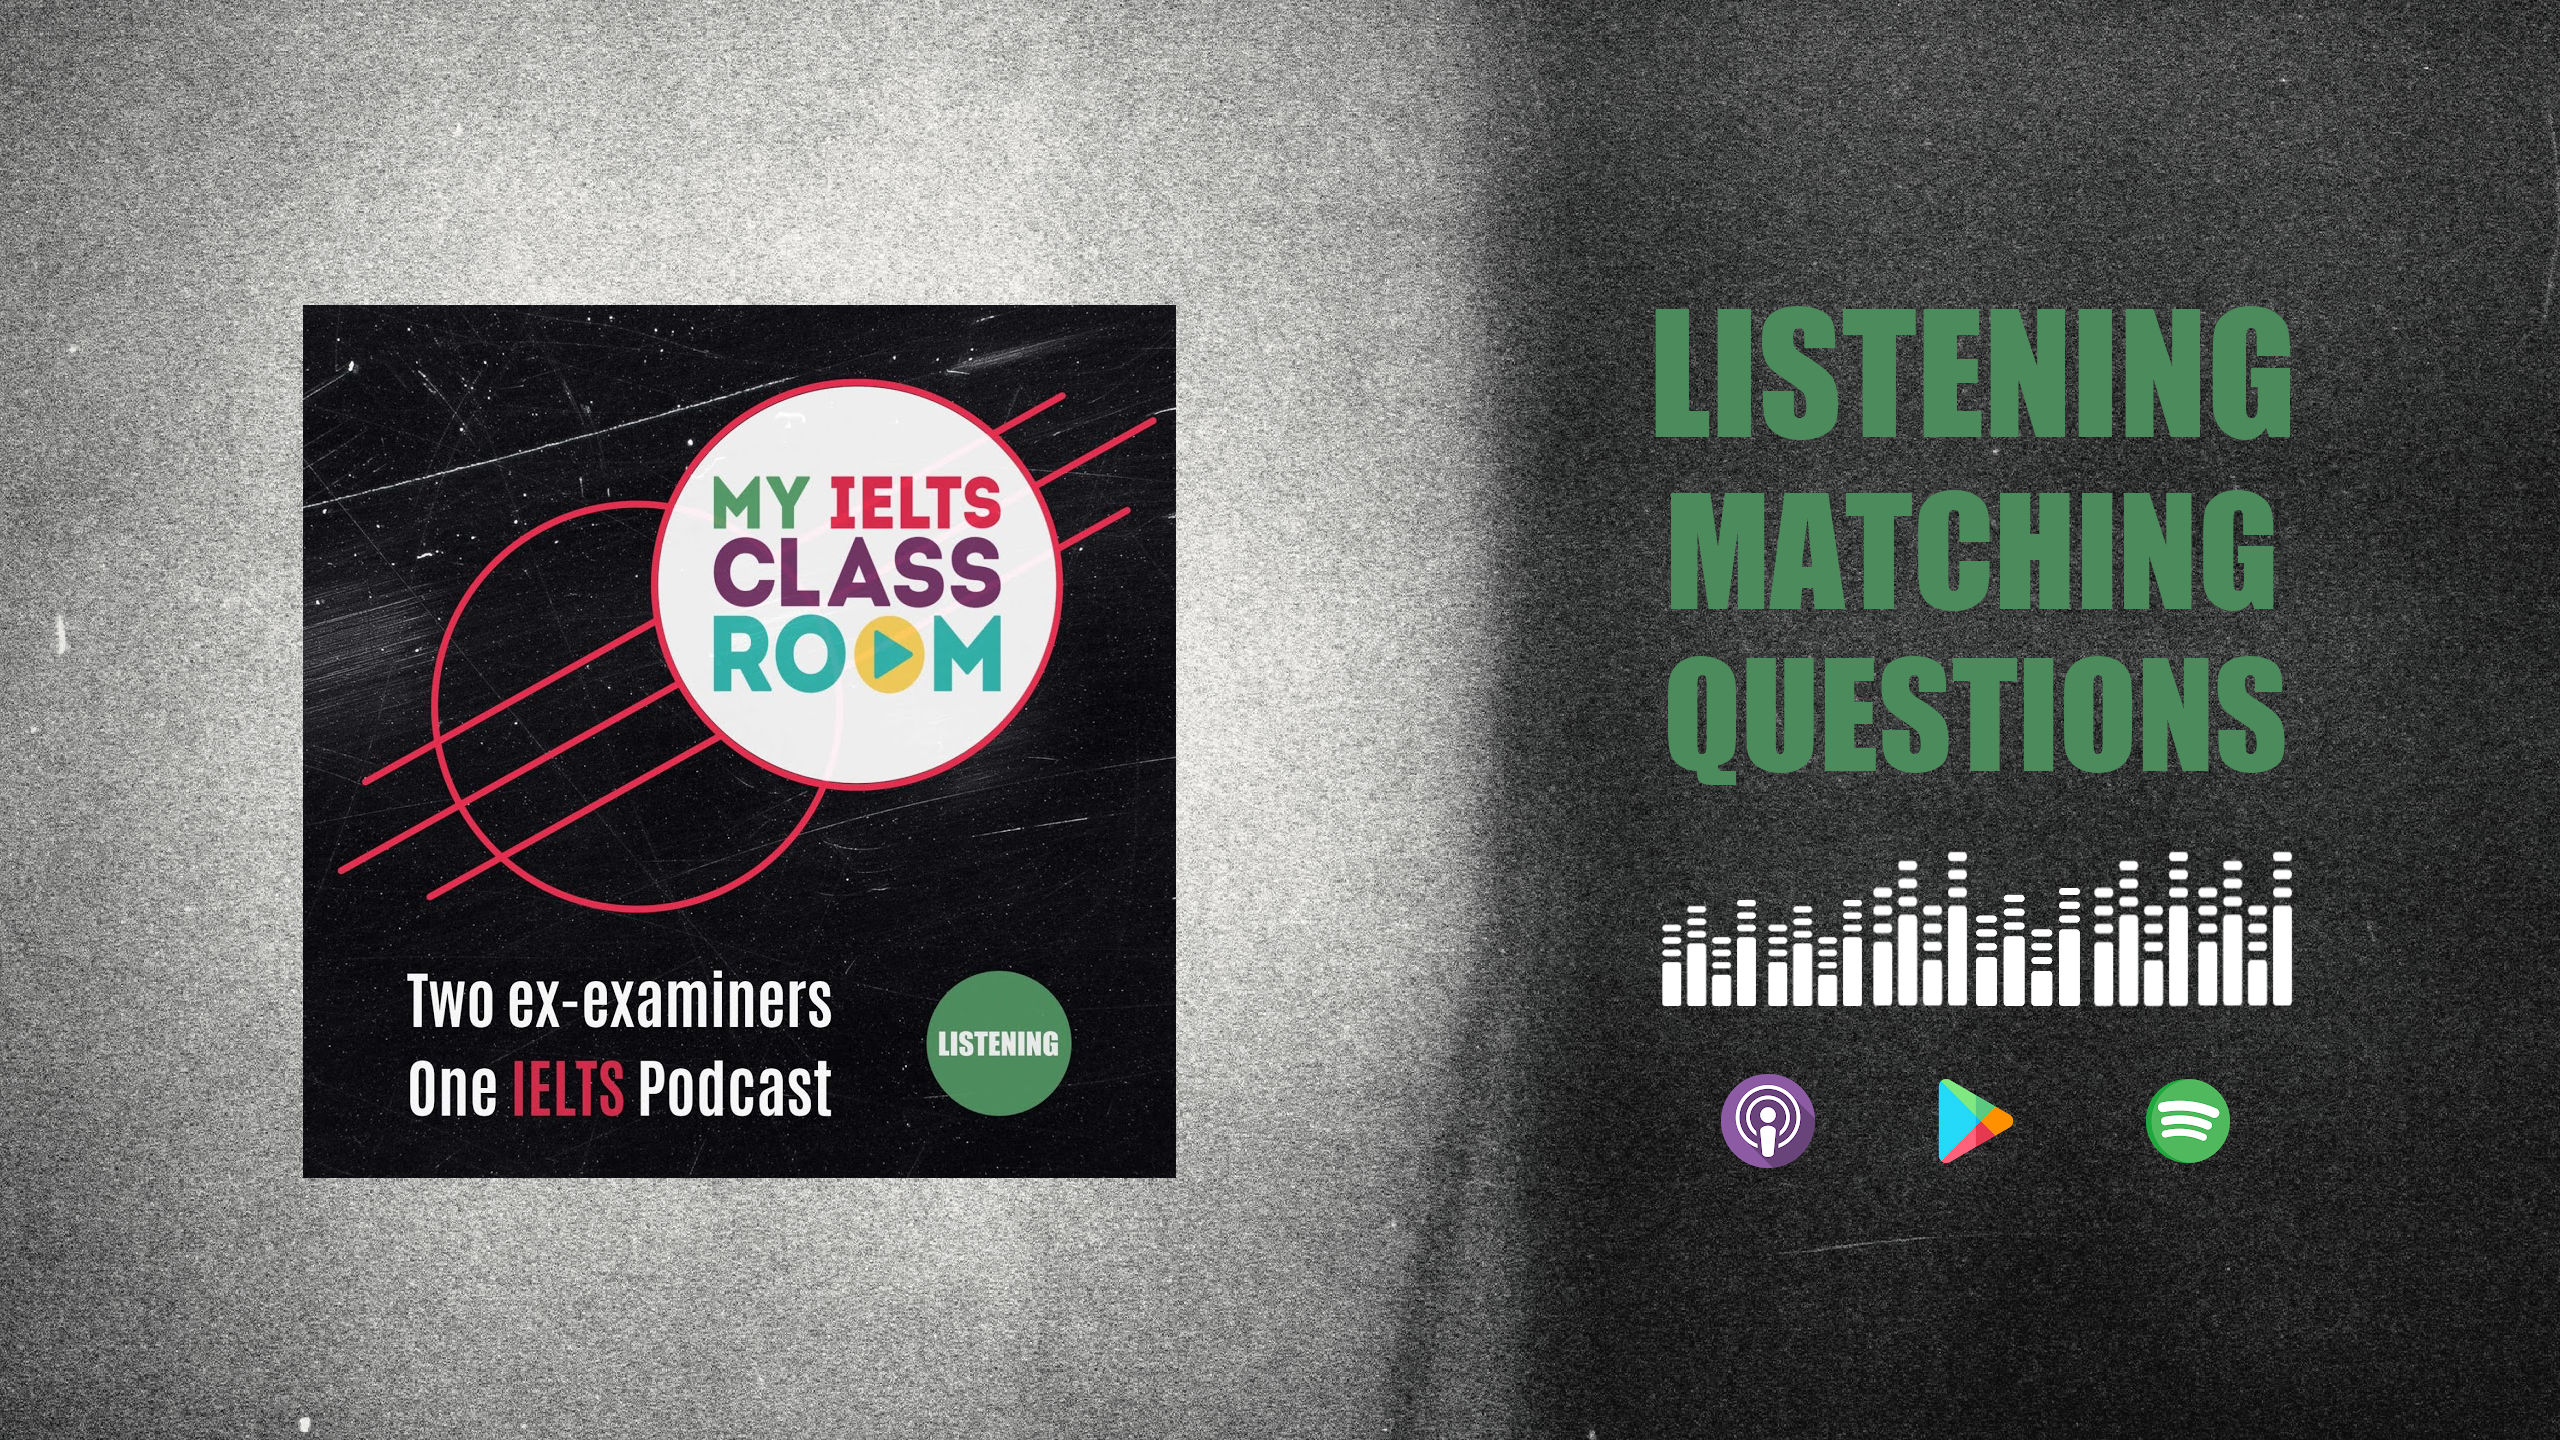 IELTS Listening Matching Questions